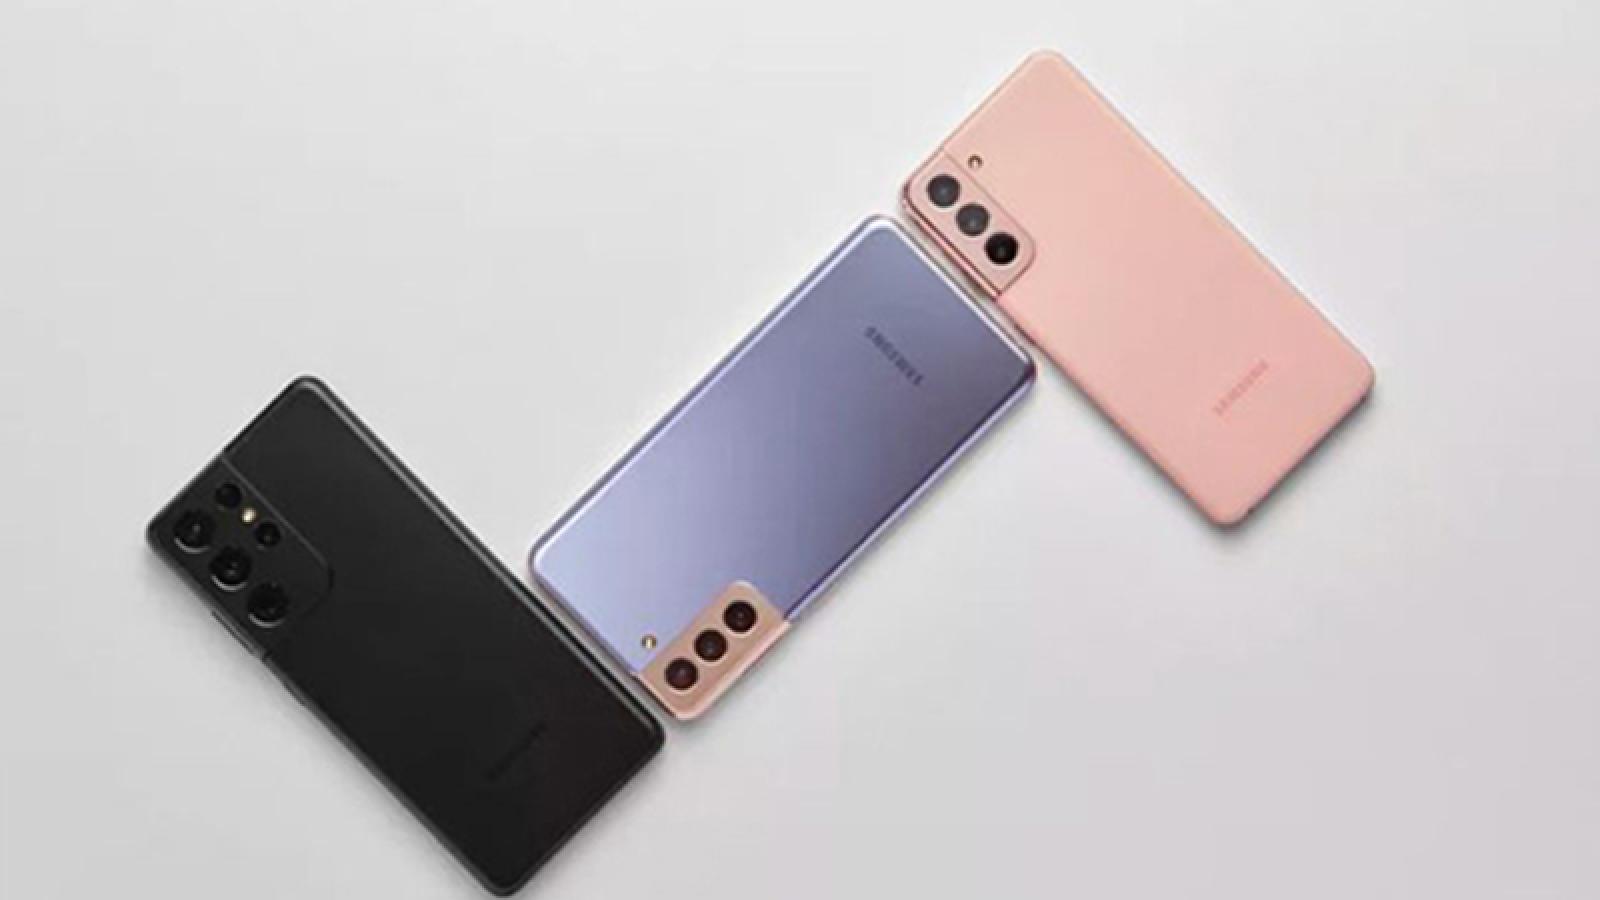 Cuộc đụng độ giữa dòng Galaxy S21 và iPhone 12